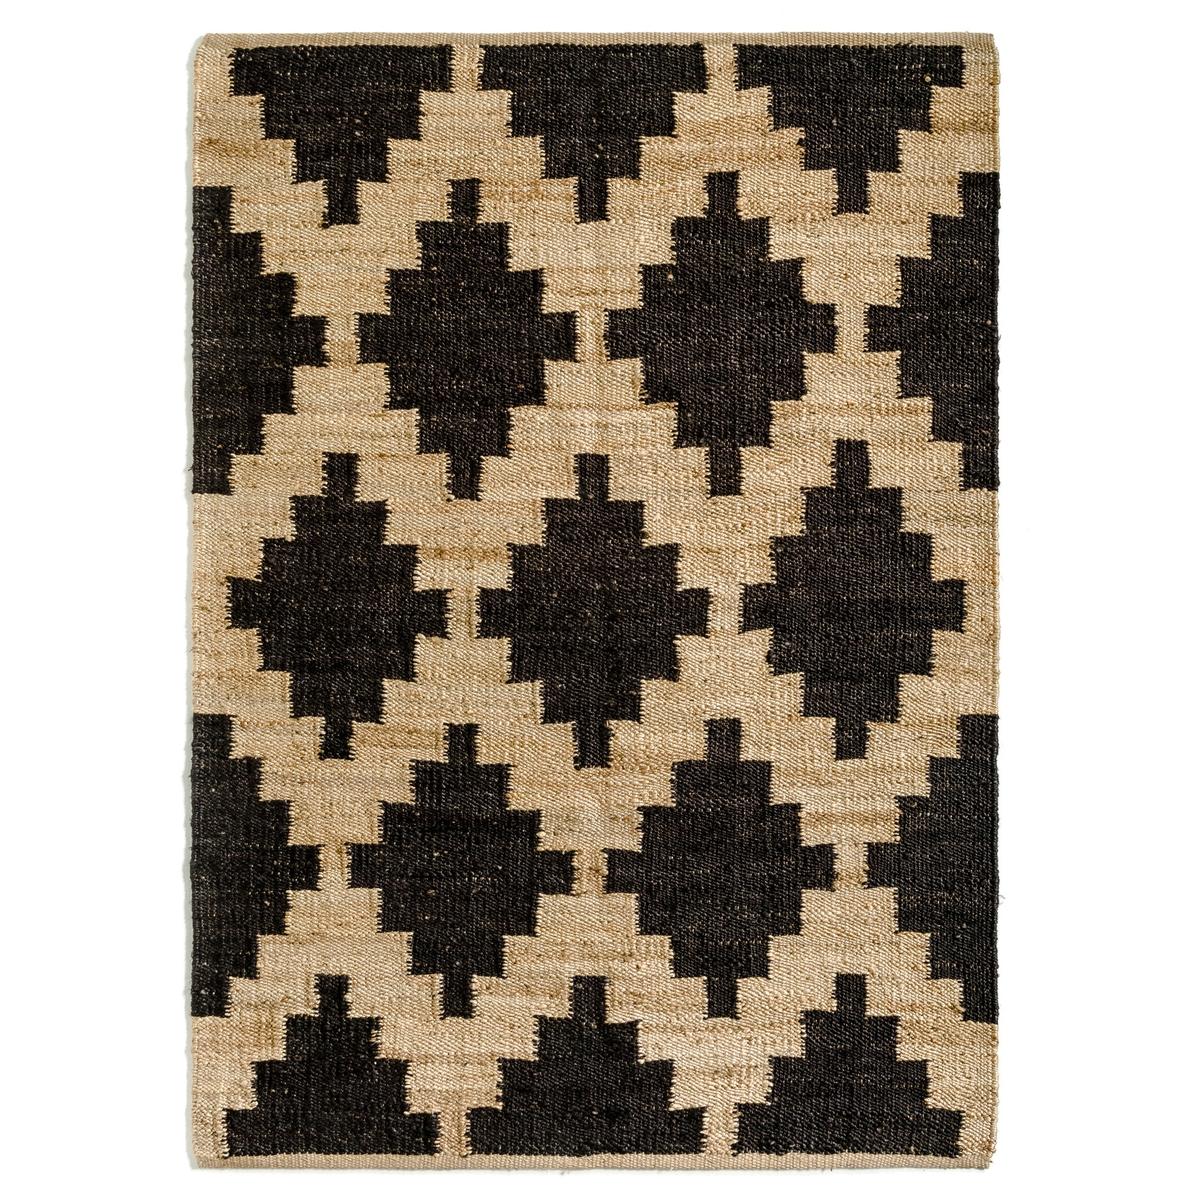 Ковер La Redoute Из джута Carbone 120 x 180 см бежевый ковер la redoute горизонтального плетения с рисунком цементная плитка iswik 120 x 170 см бежевый